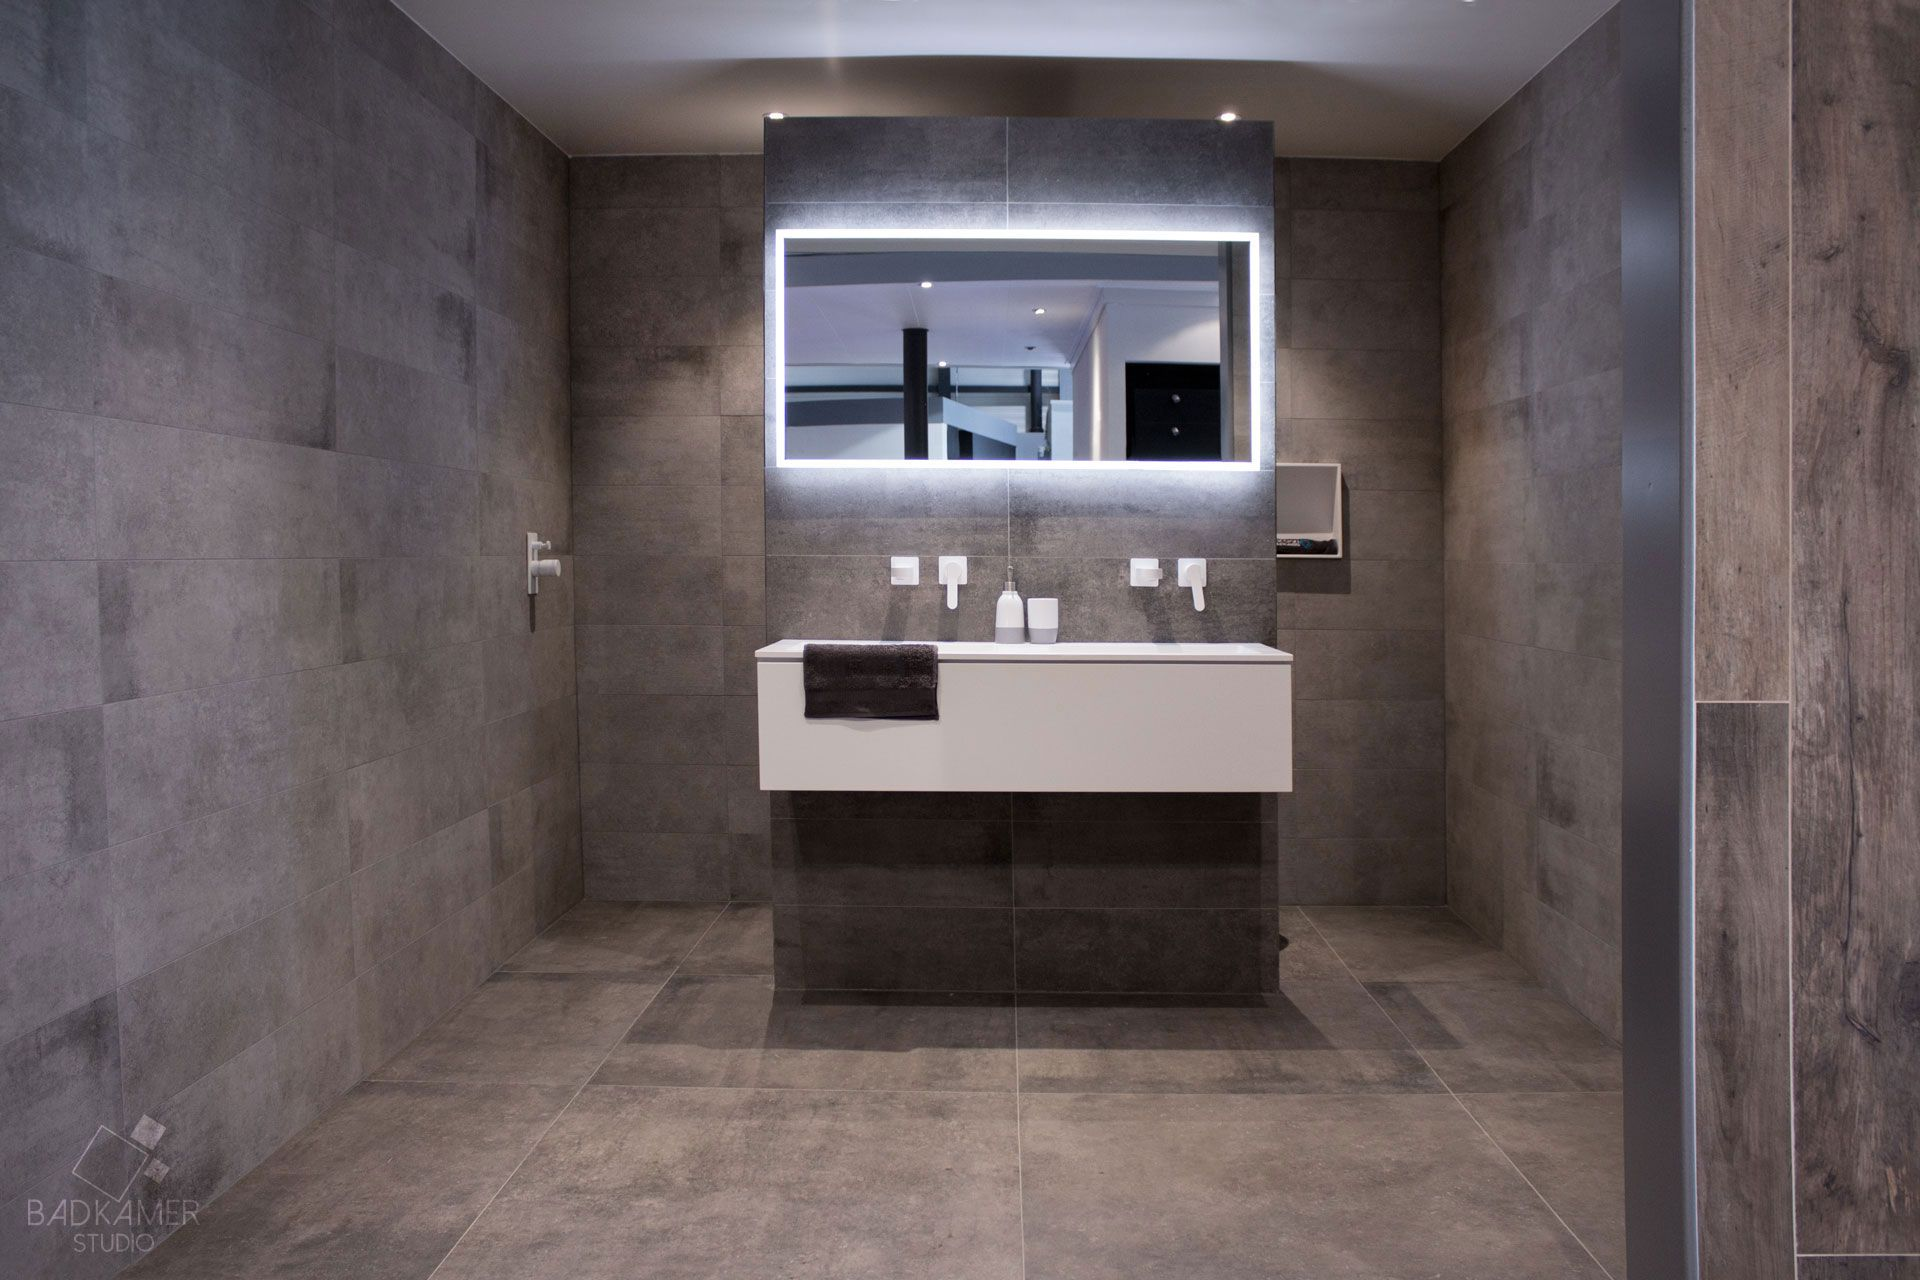 maatwerk badkamer met overall grijze look mat witte kranen en een